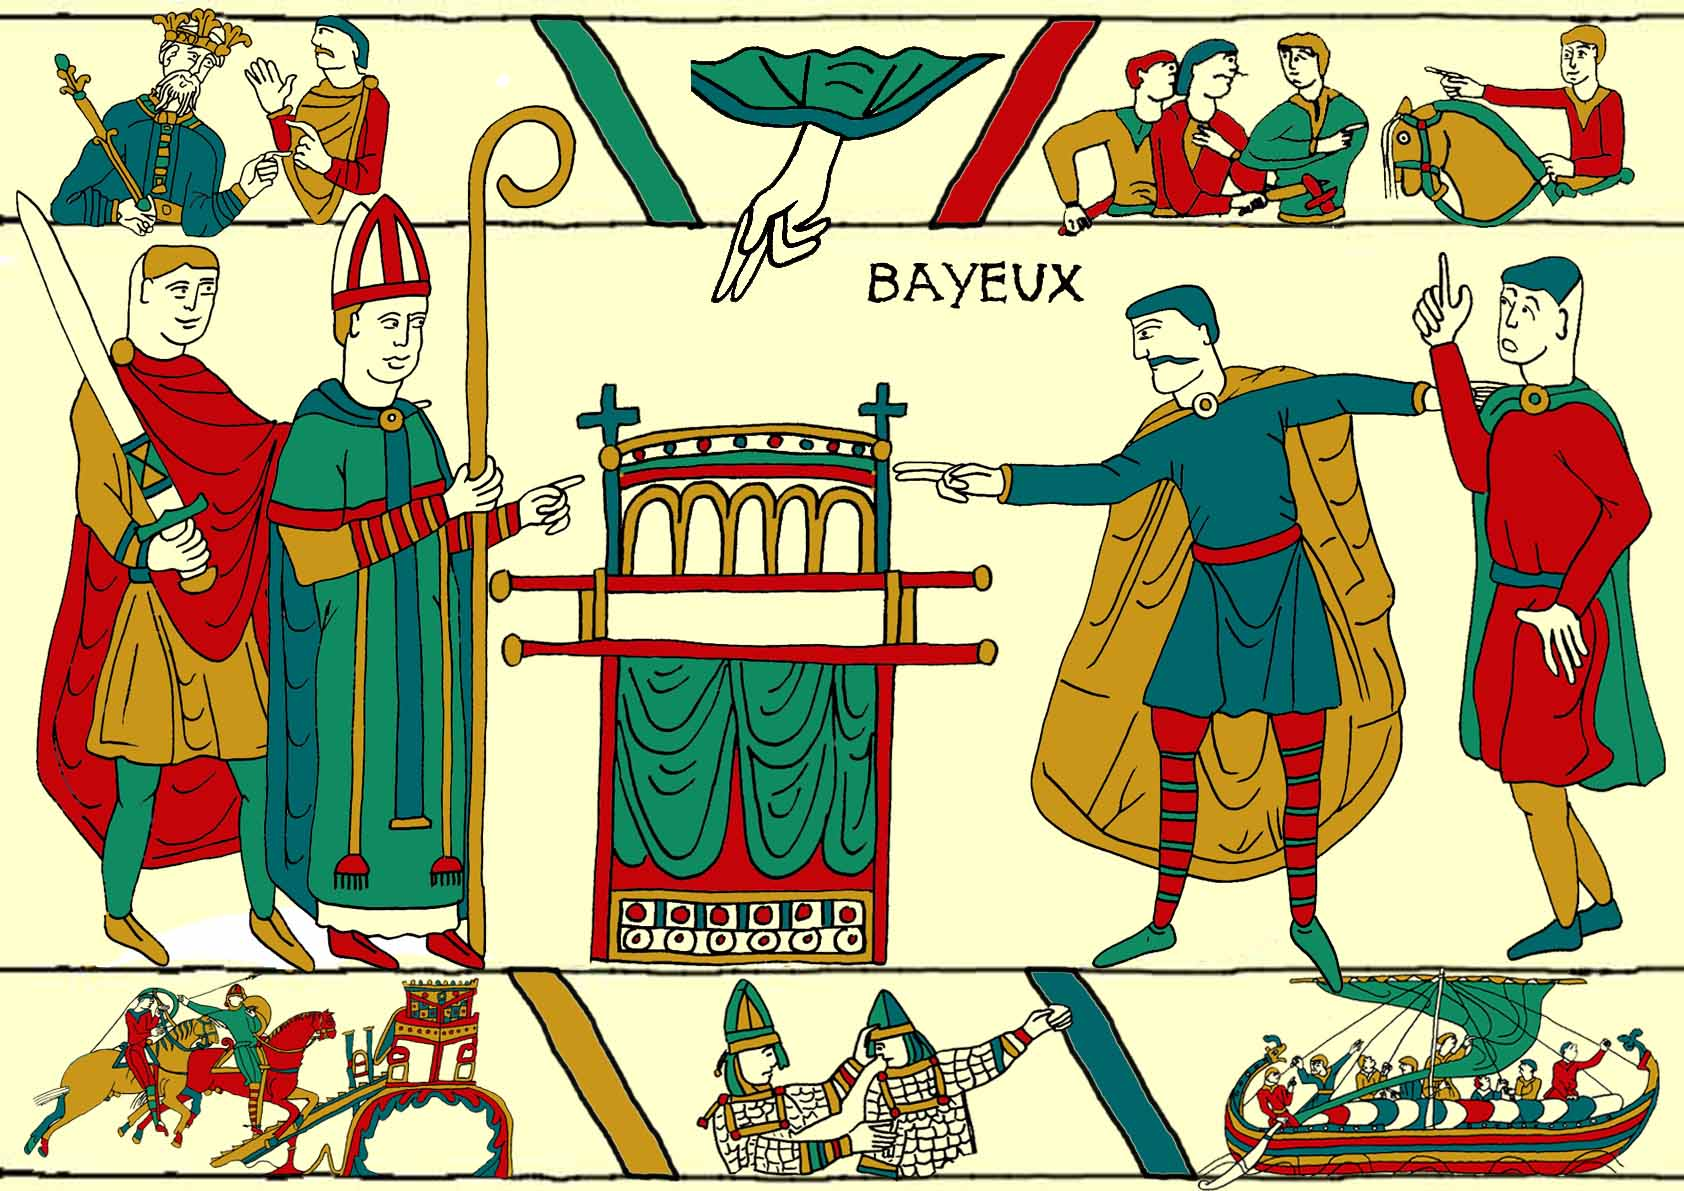 Histoire de la tapisserie de bayeux 1 telle une tapisserie - Qu est ce que la tapisserie de bayeux ...